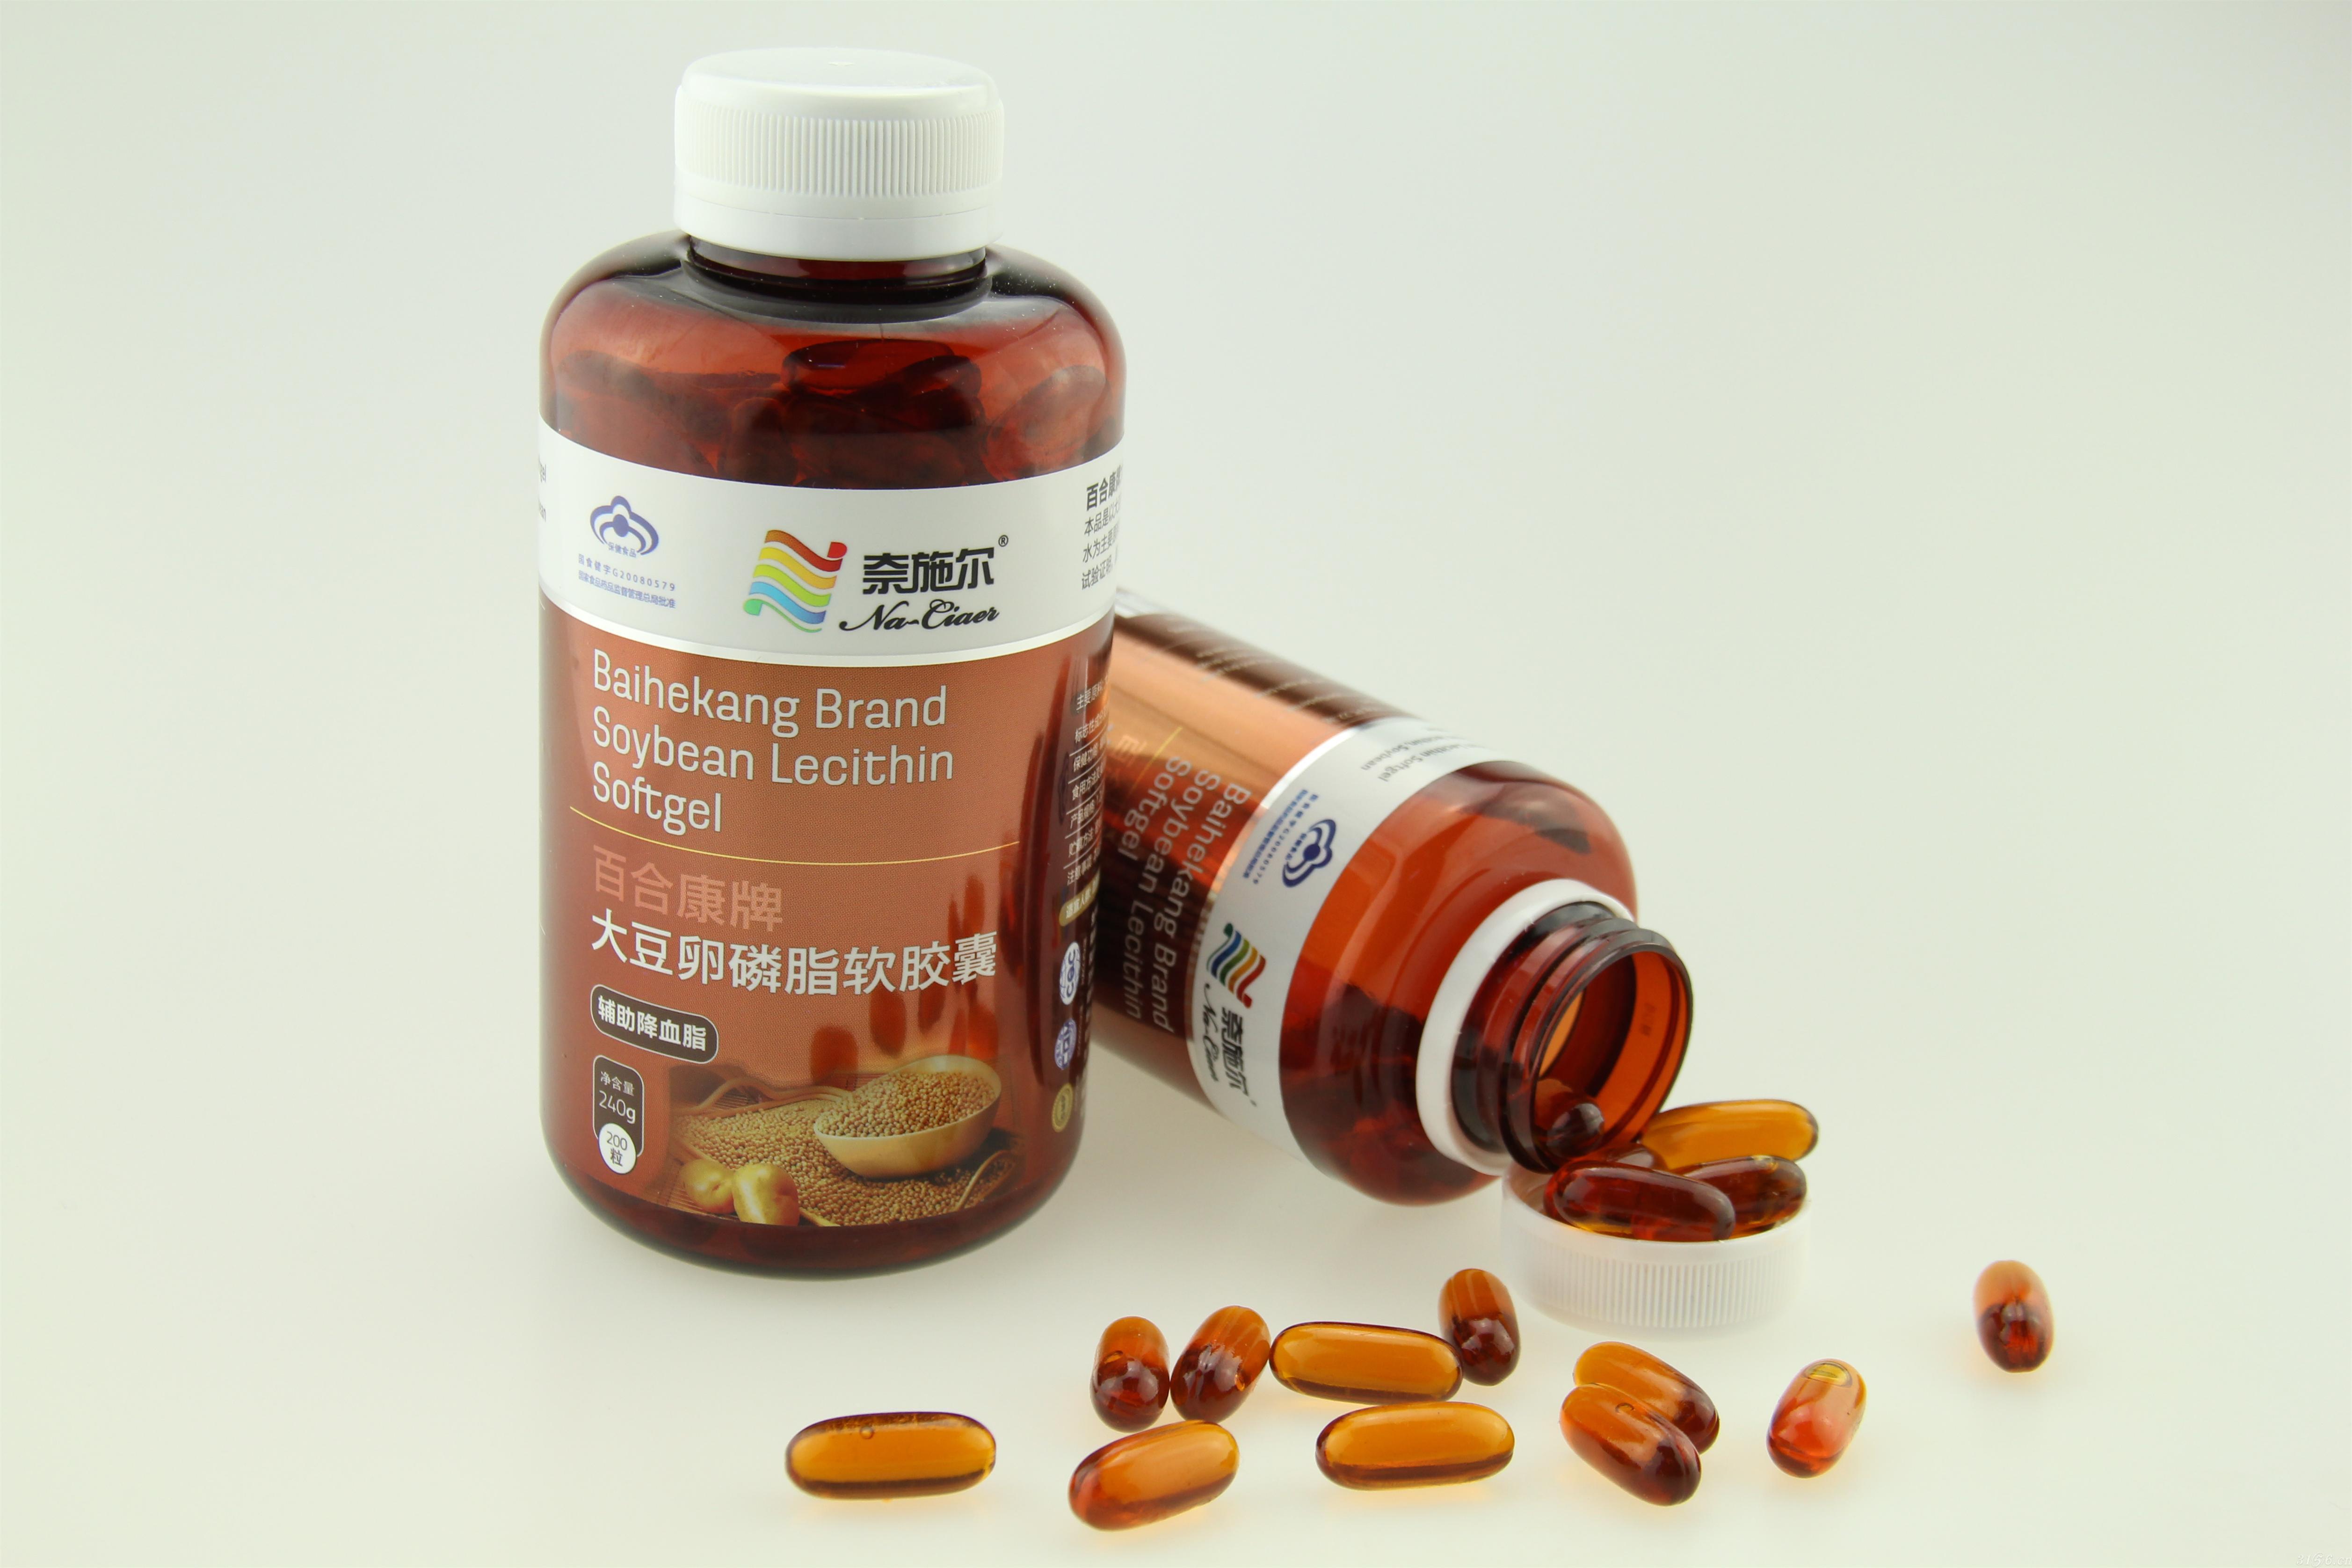 大豆卵磷脂软胶囊_百合康牌大豆卵磷脂软胶囊招商